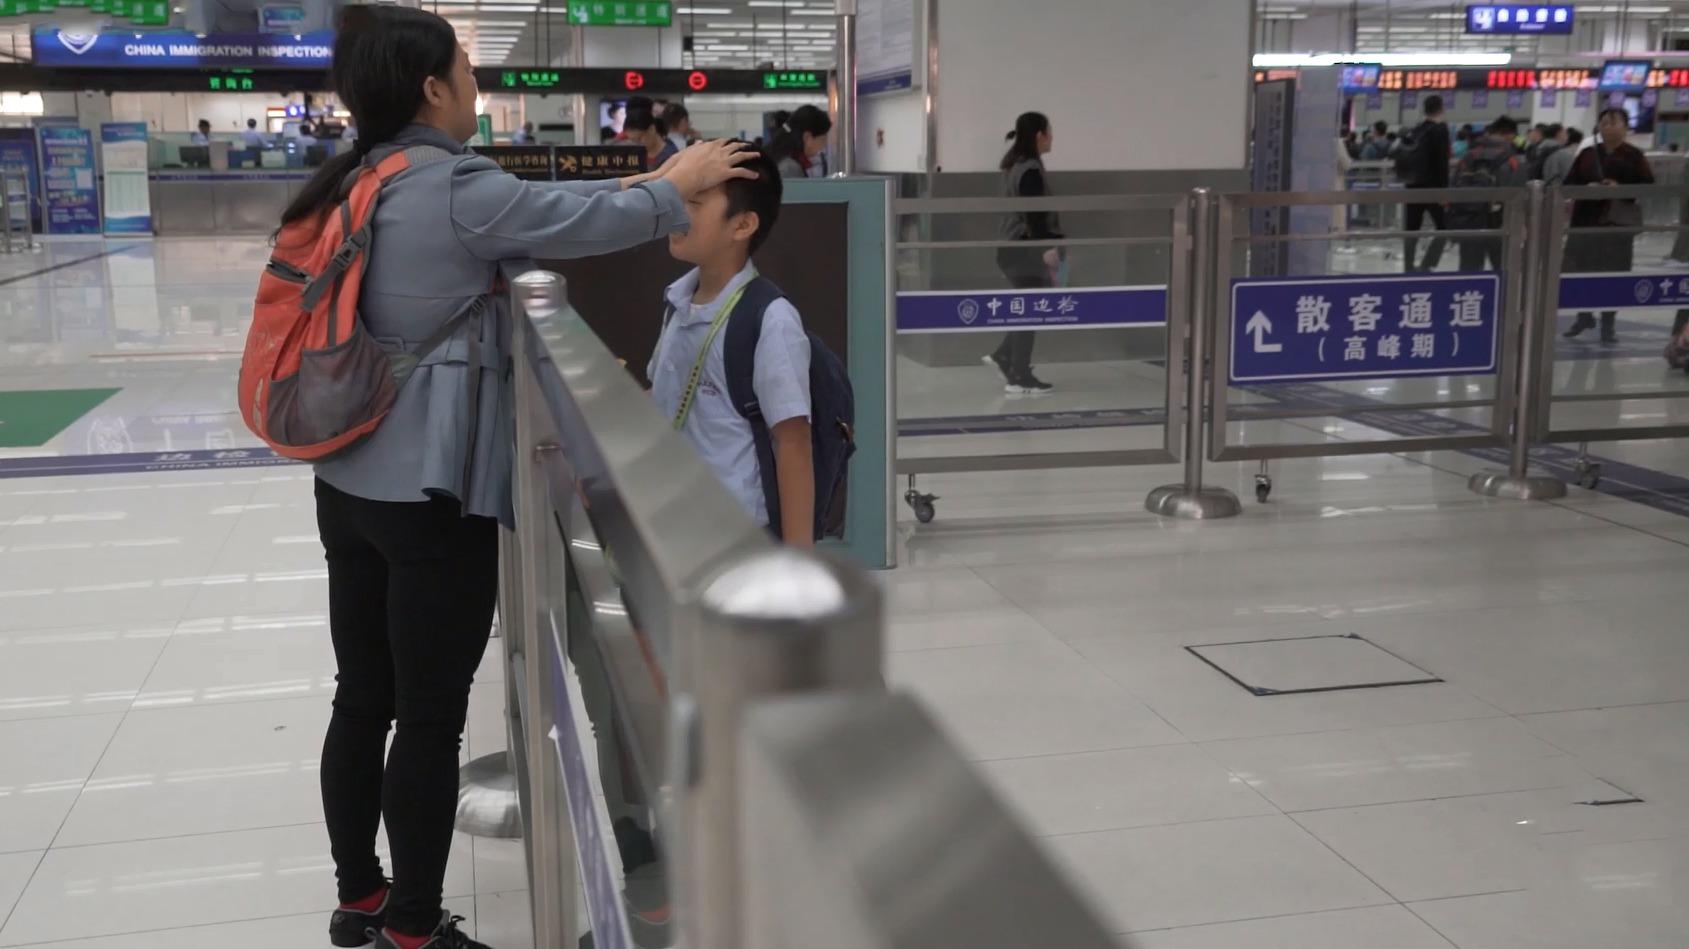 9岁小学生每天花2小时去香港读书 母亲:想让他回来读